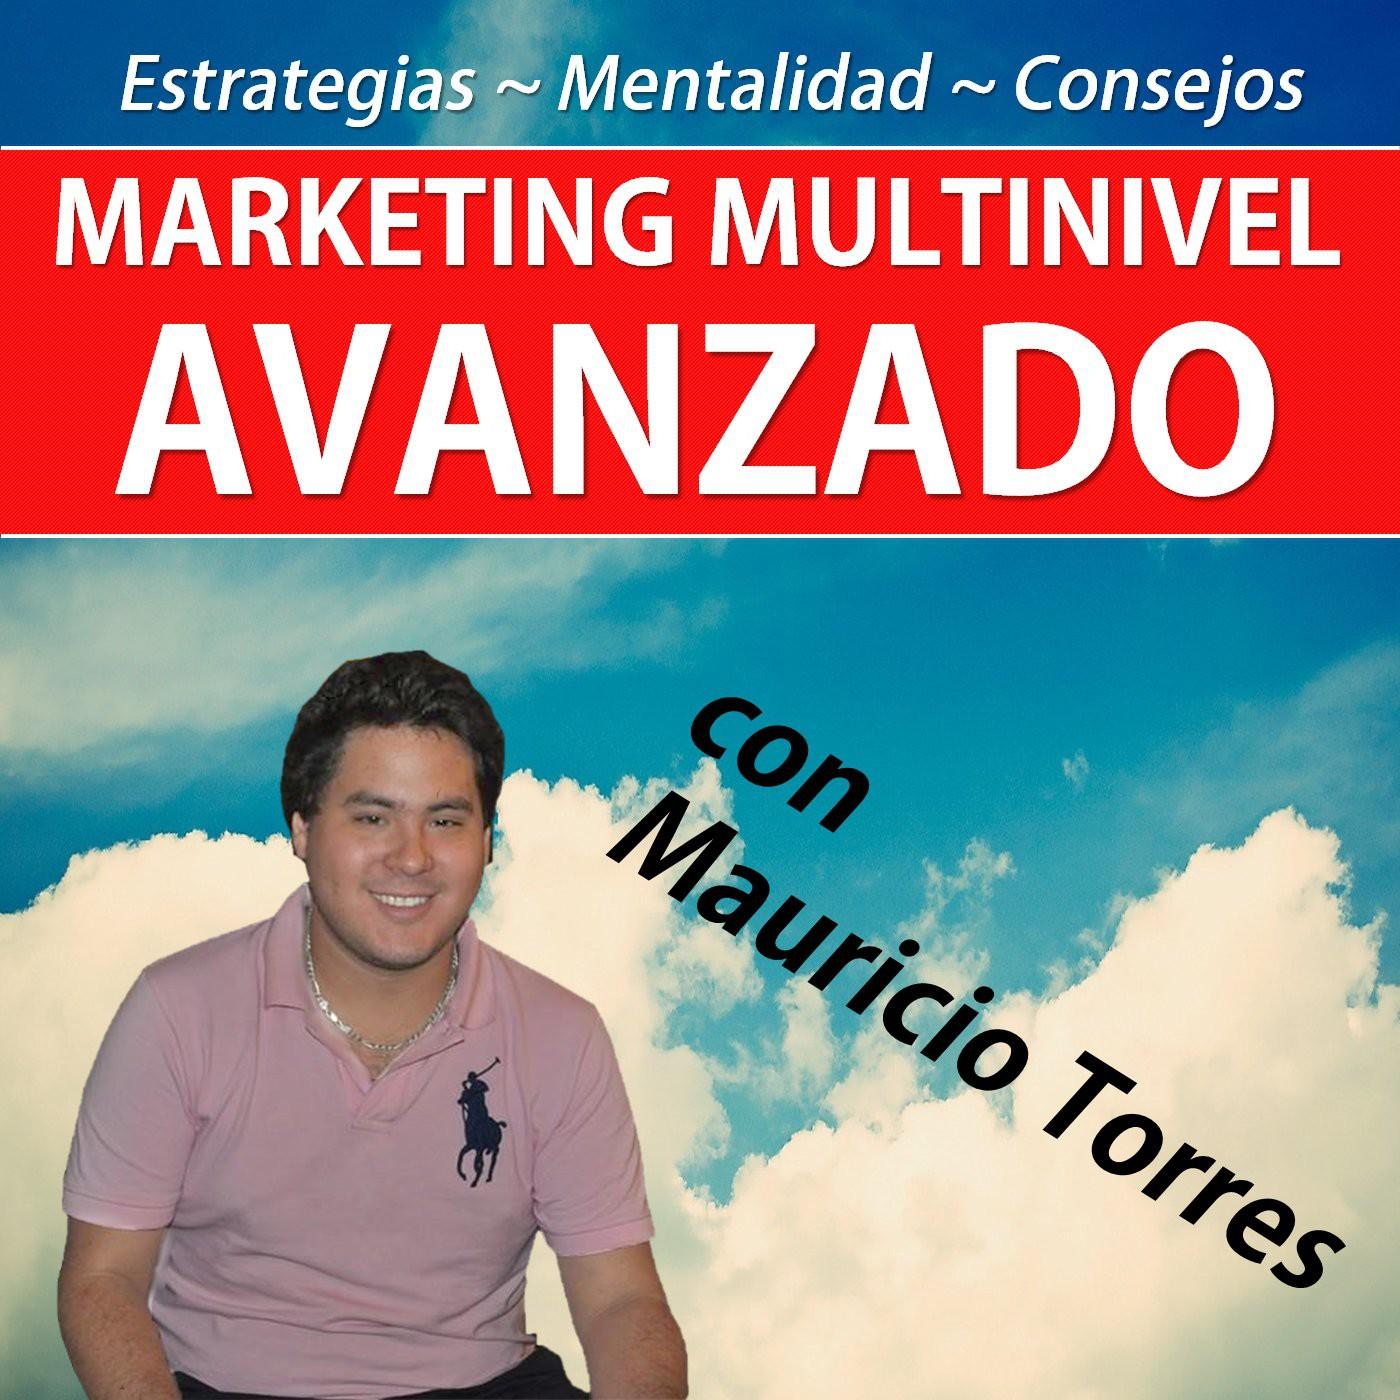 <![CDATA[Marketing Multinivel Avanzado con Mauricio Torres]]>